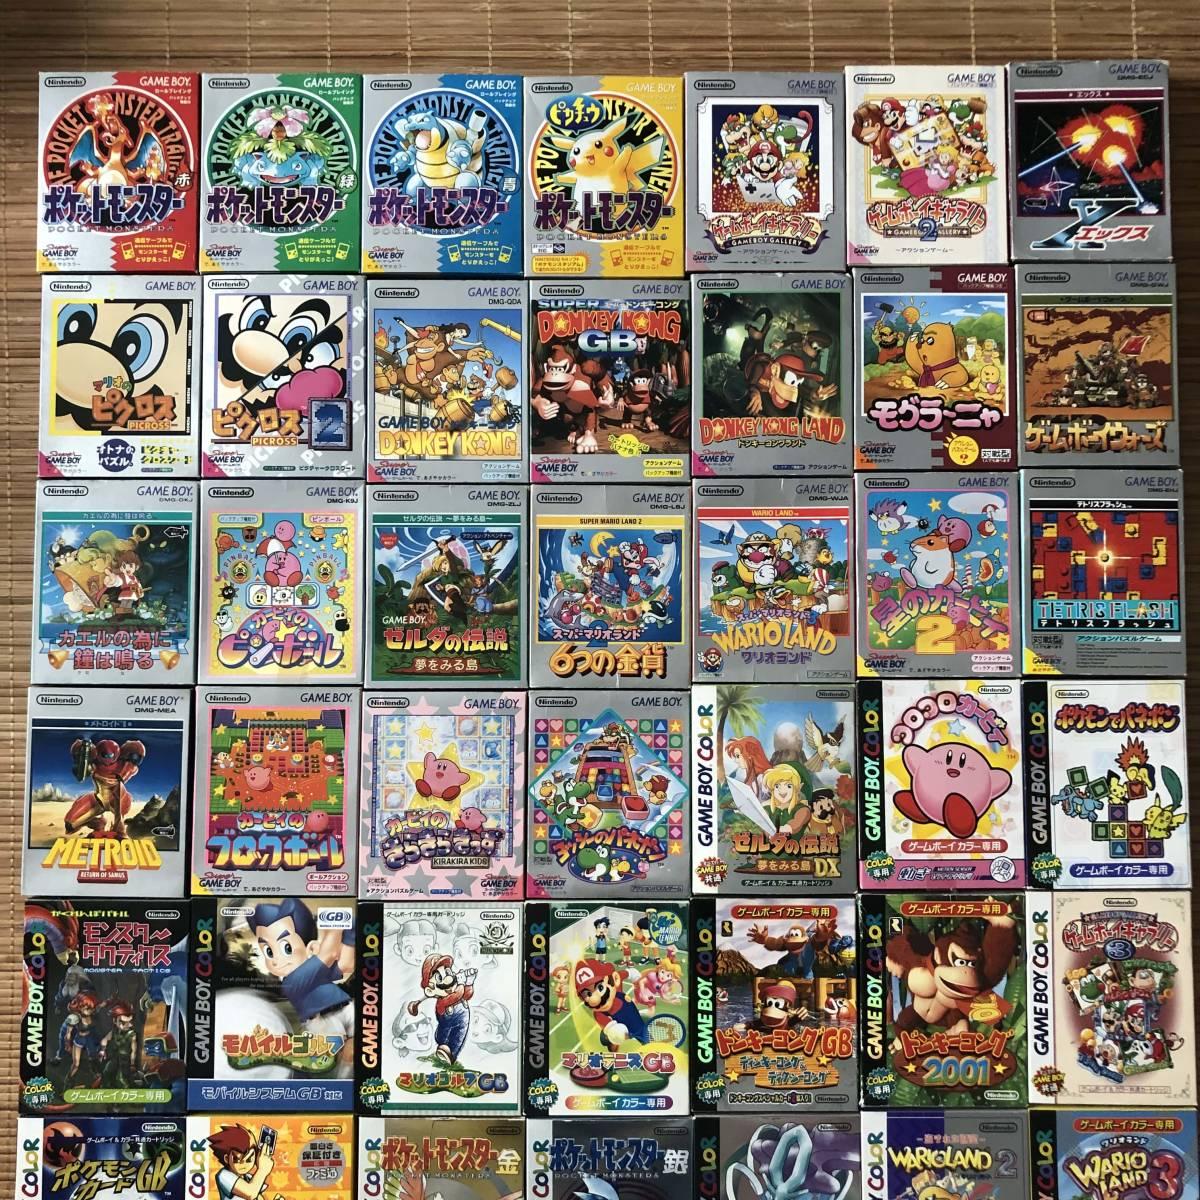 ゲームボーイ 箱説付き 任天堂ソフト 50本セット_画像2